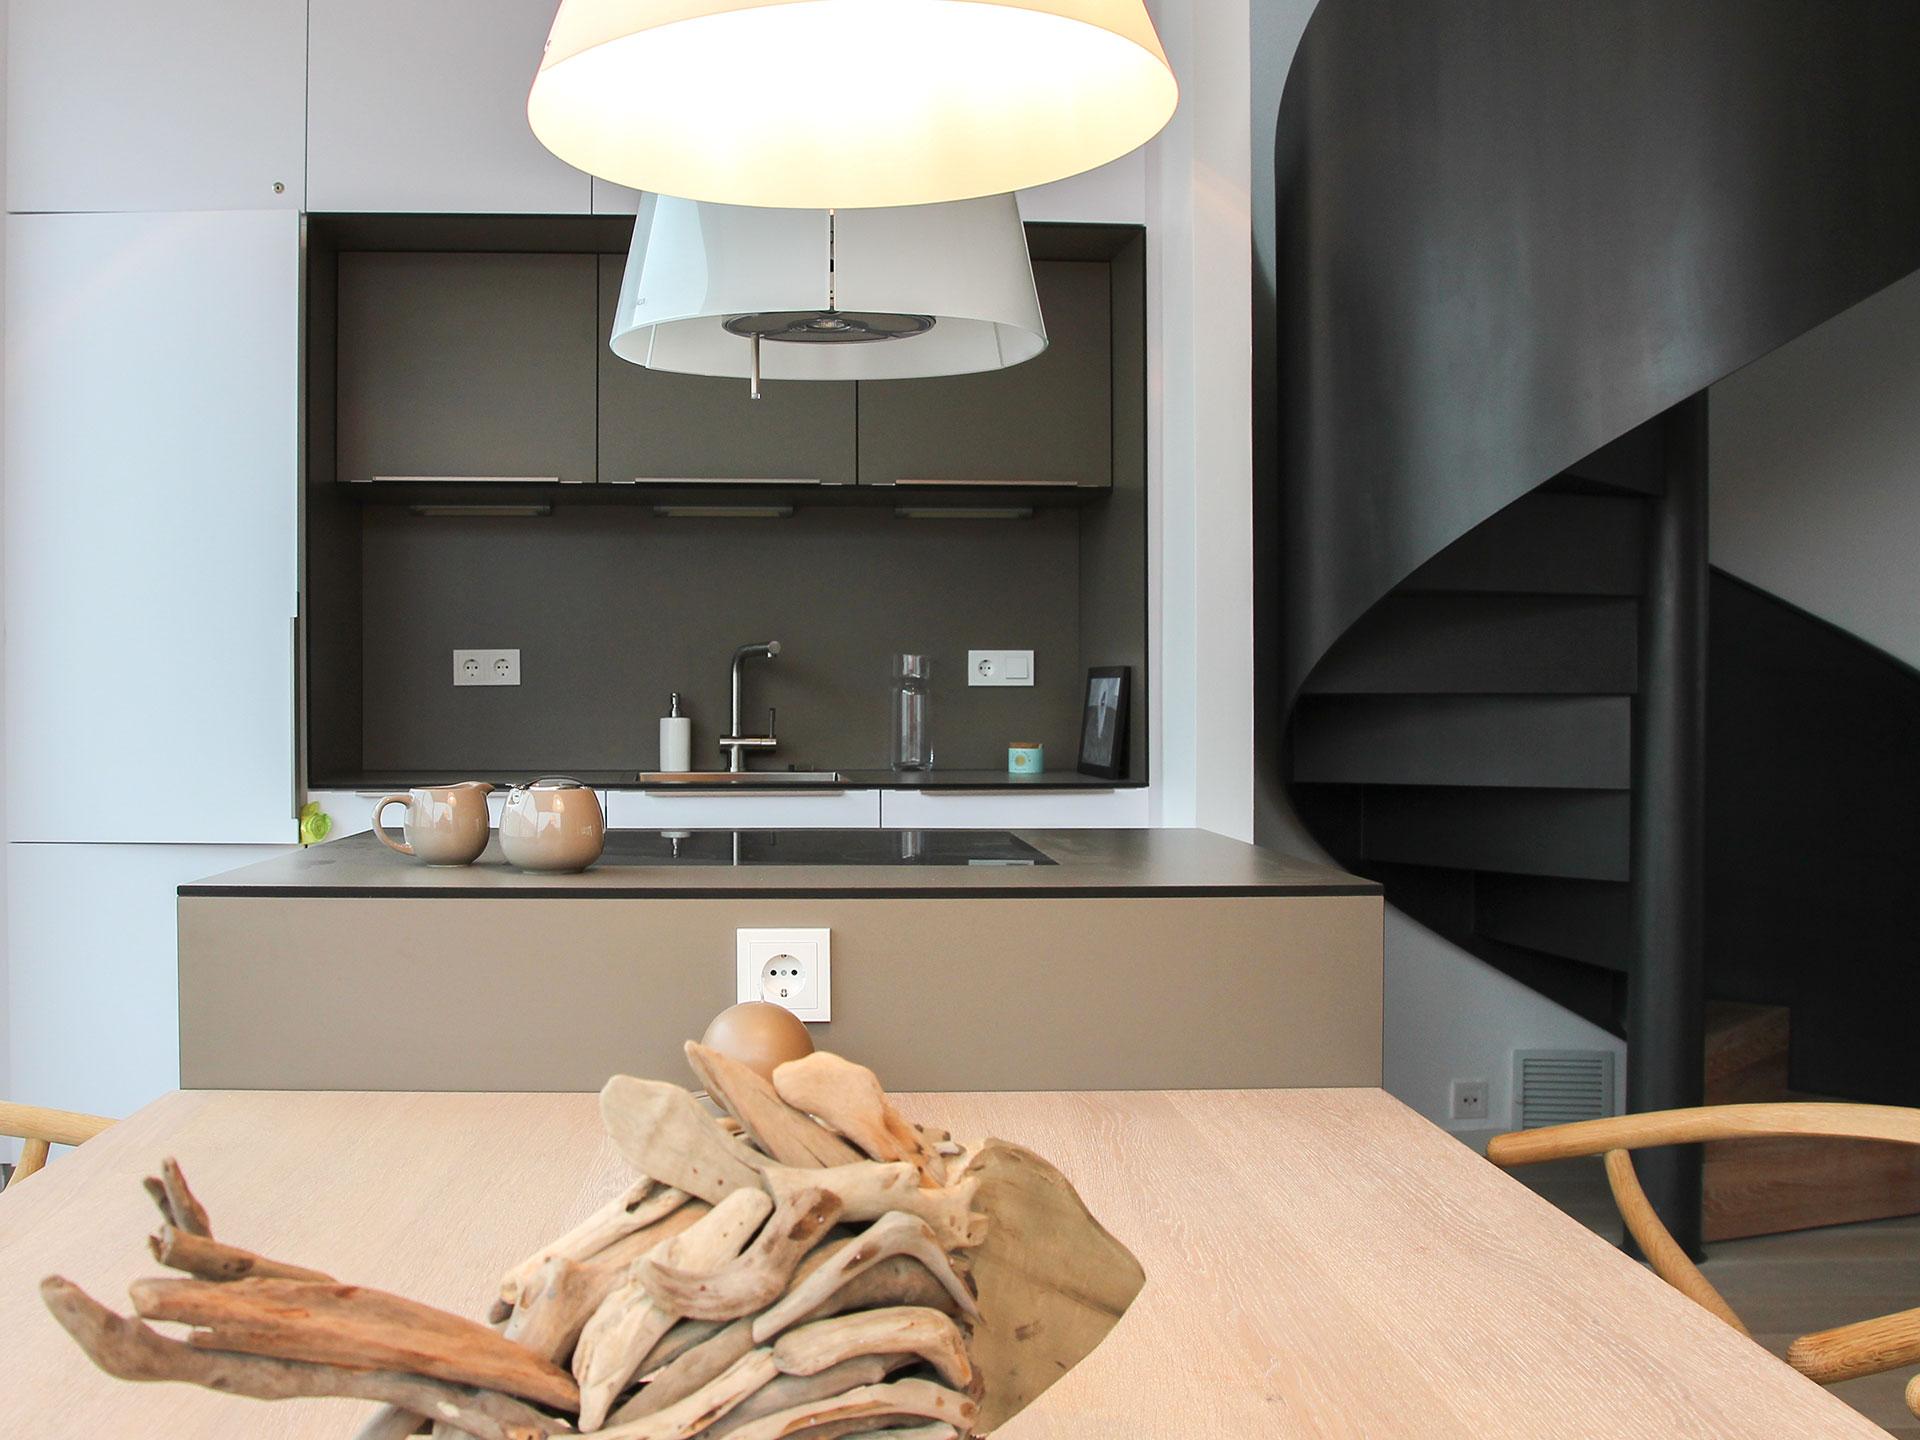 Willkommen   K21 PLAN   Architektur und Innenarchitektur aus Vechta